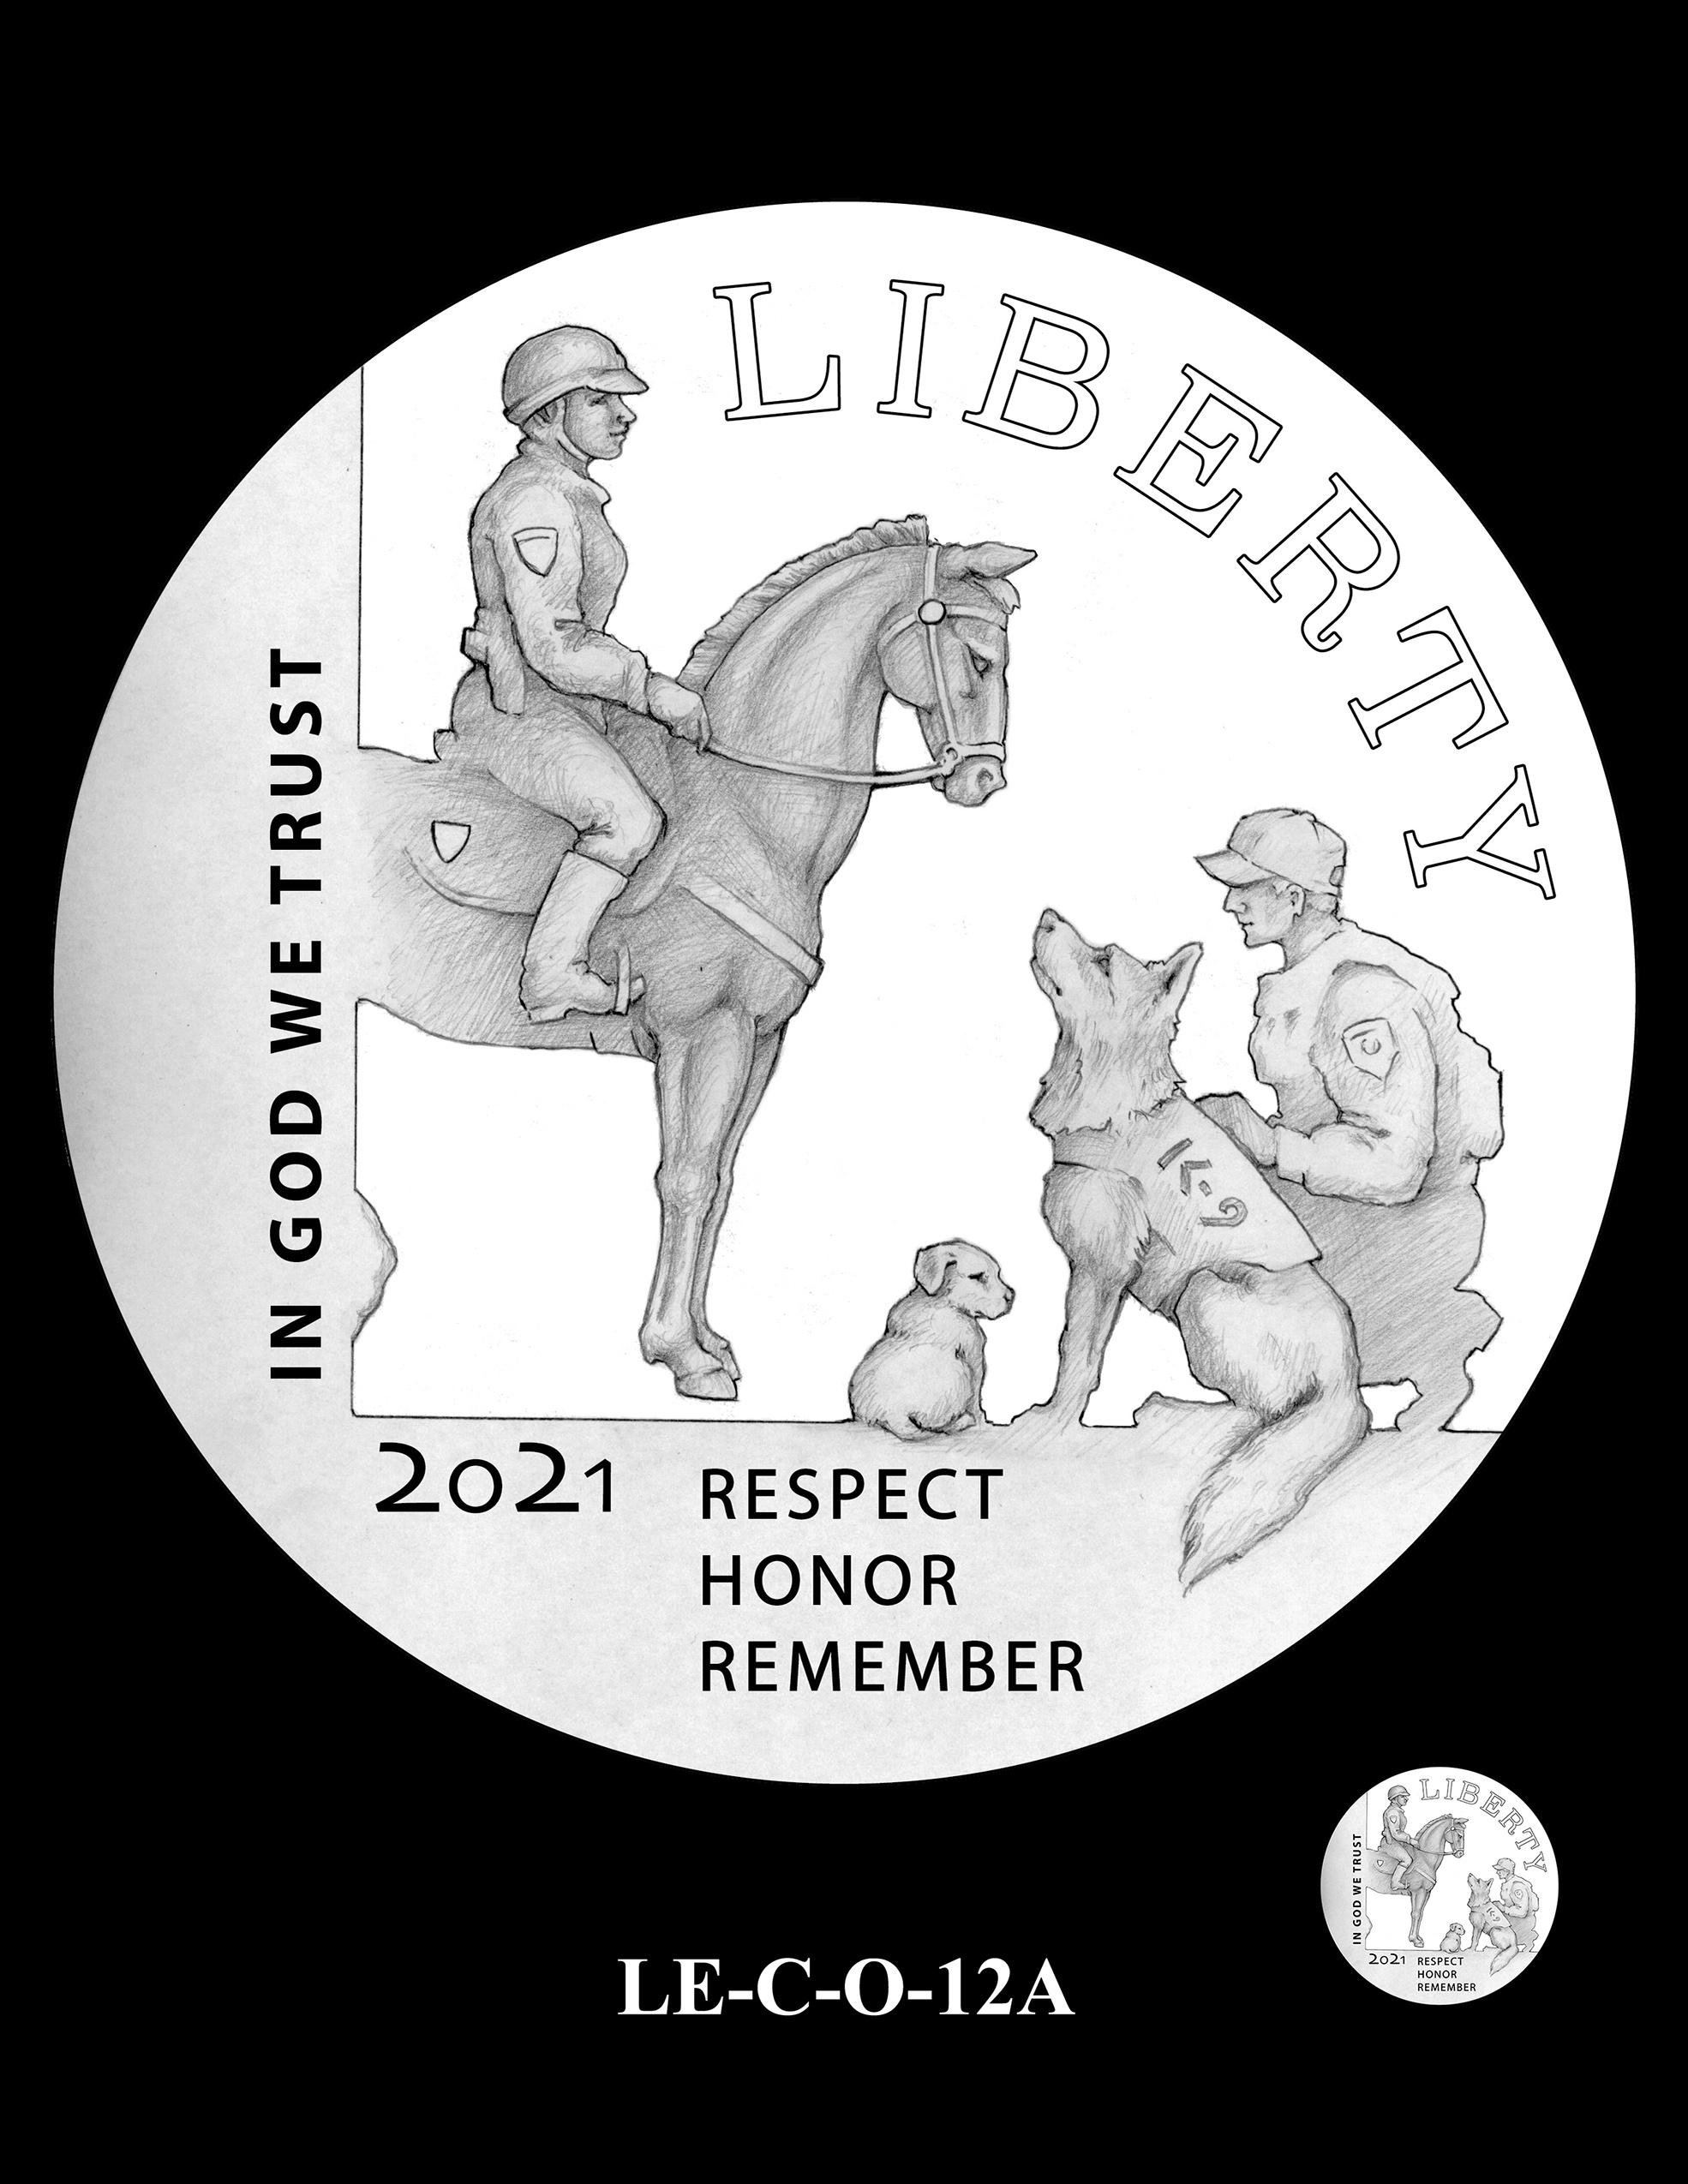 LE-C-O-12A -- National Law Enforcement Museum Commemorative Coin Program